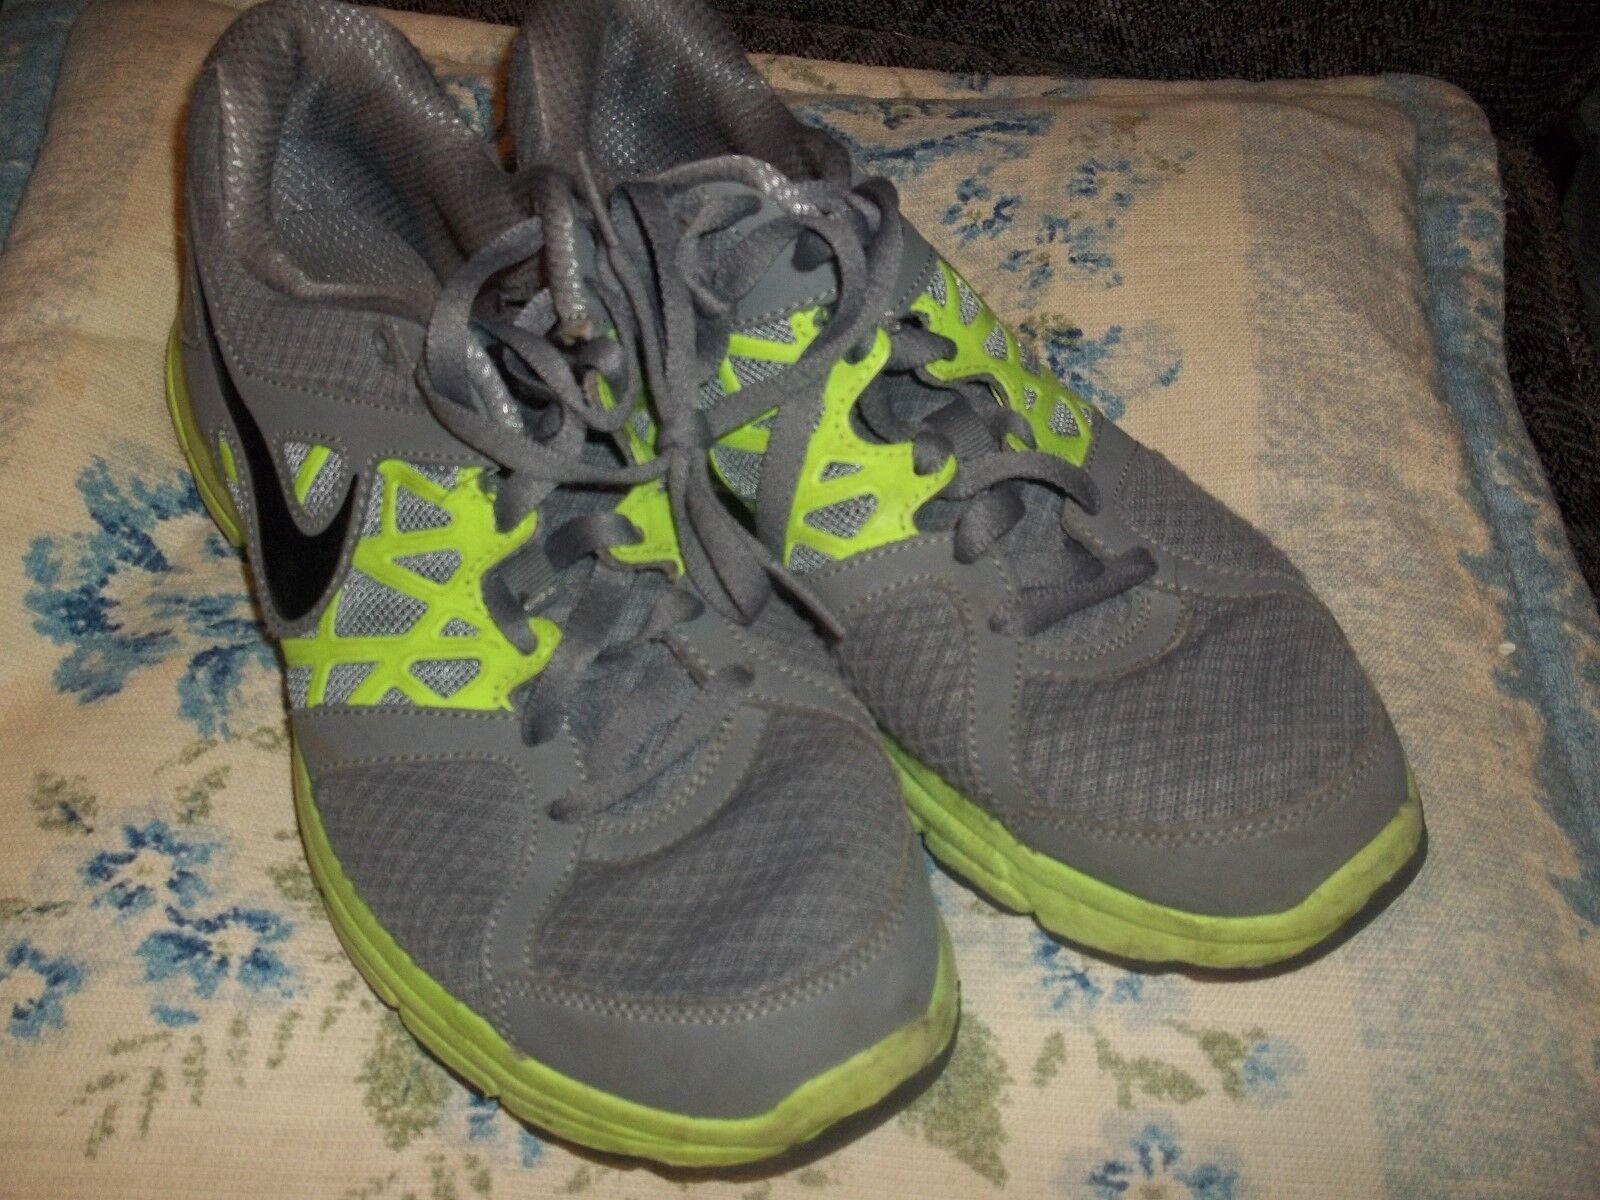 les chaussures de sport nike utilisé 9,5 millions baskets